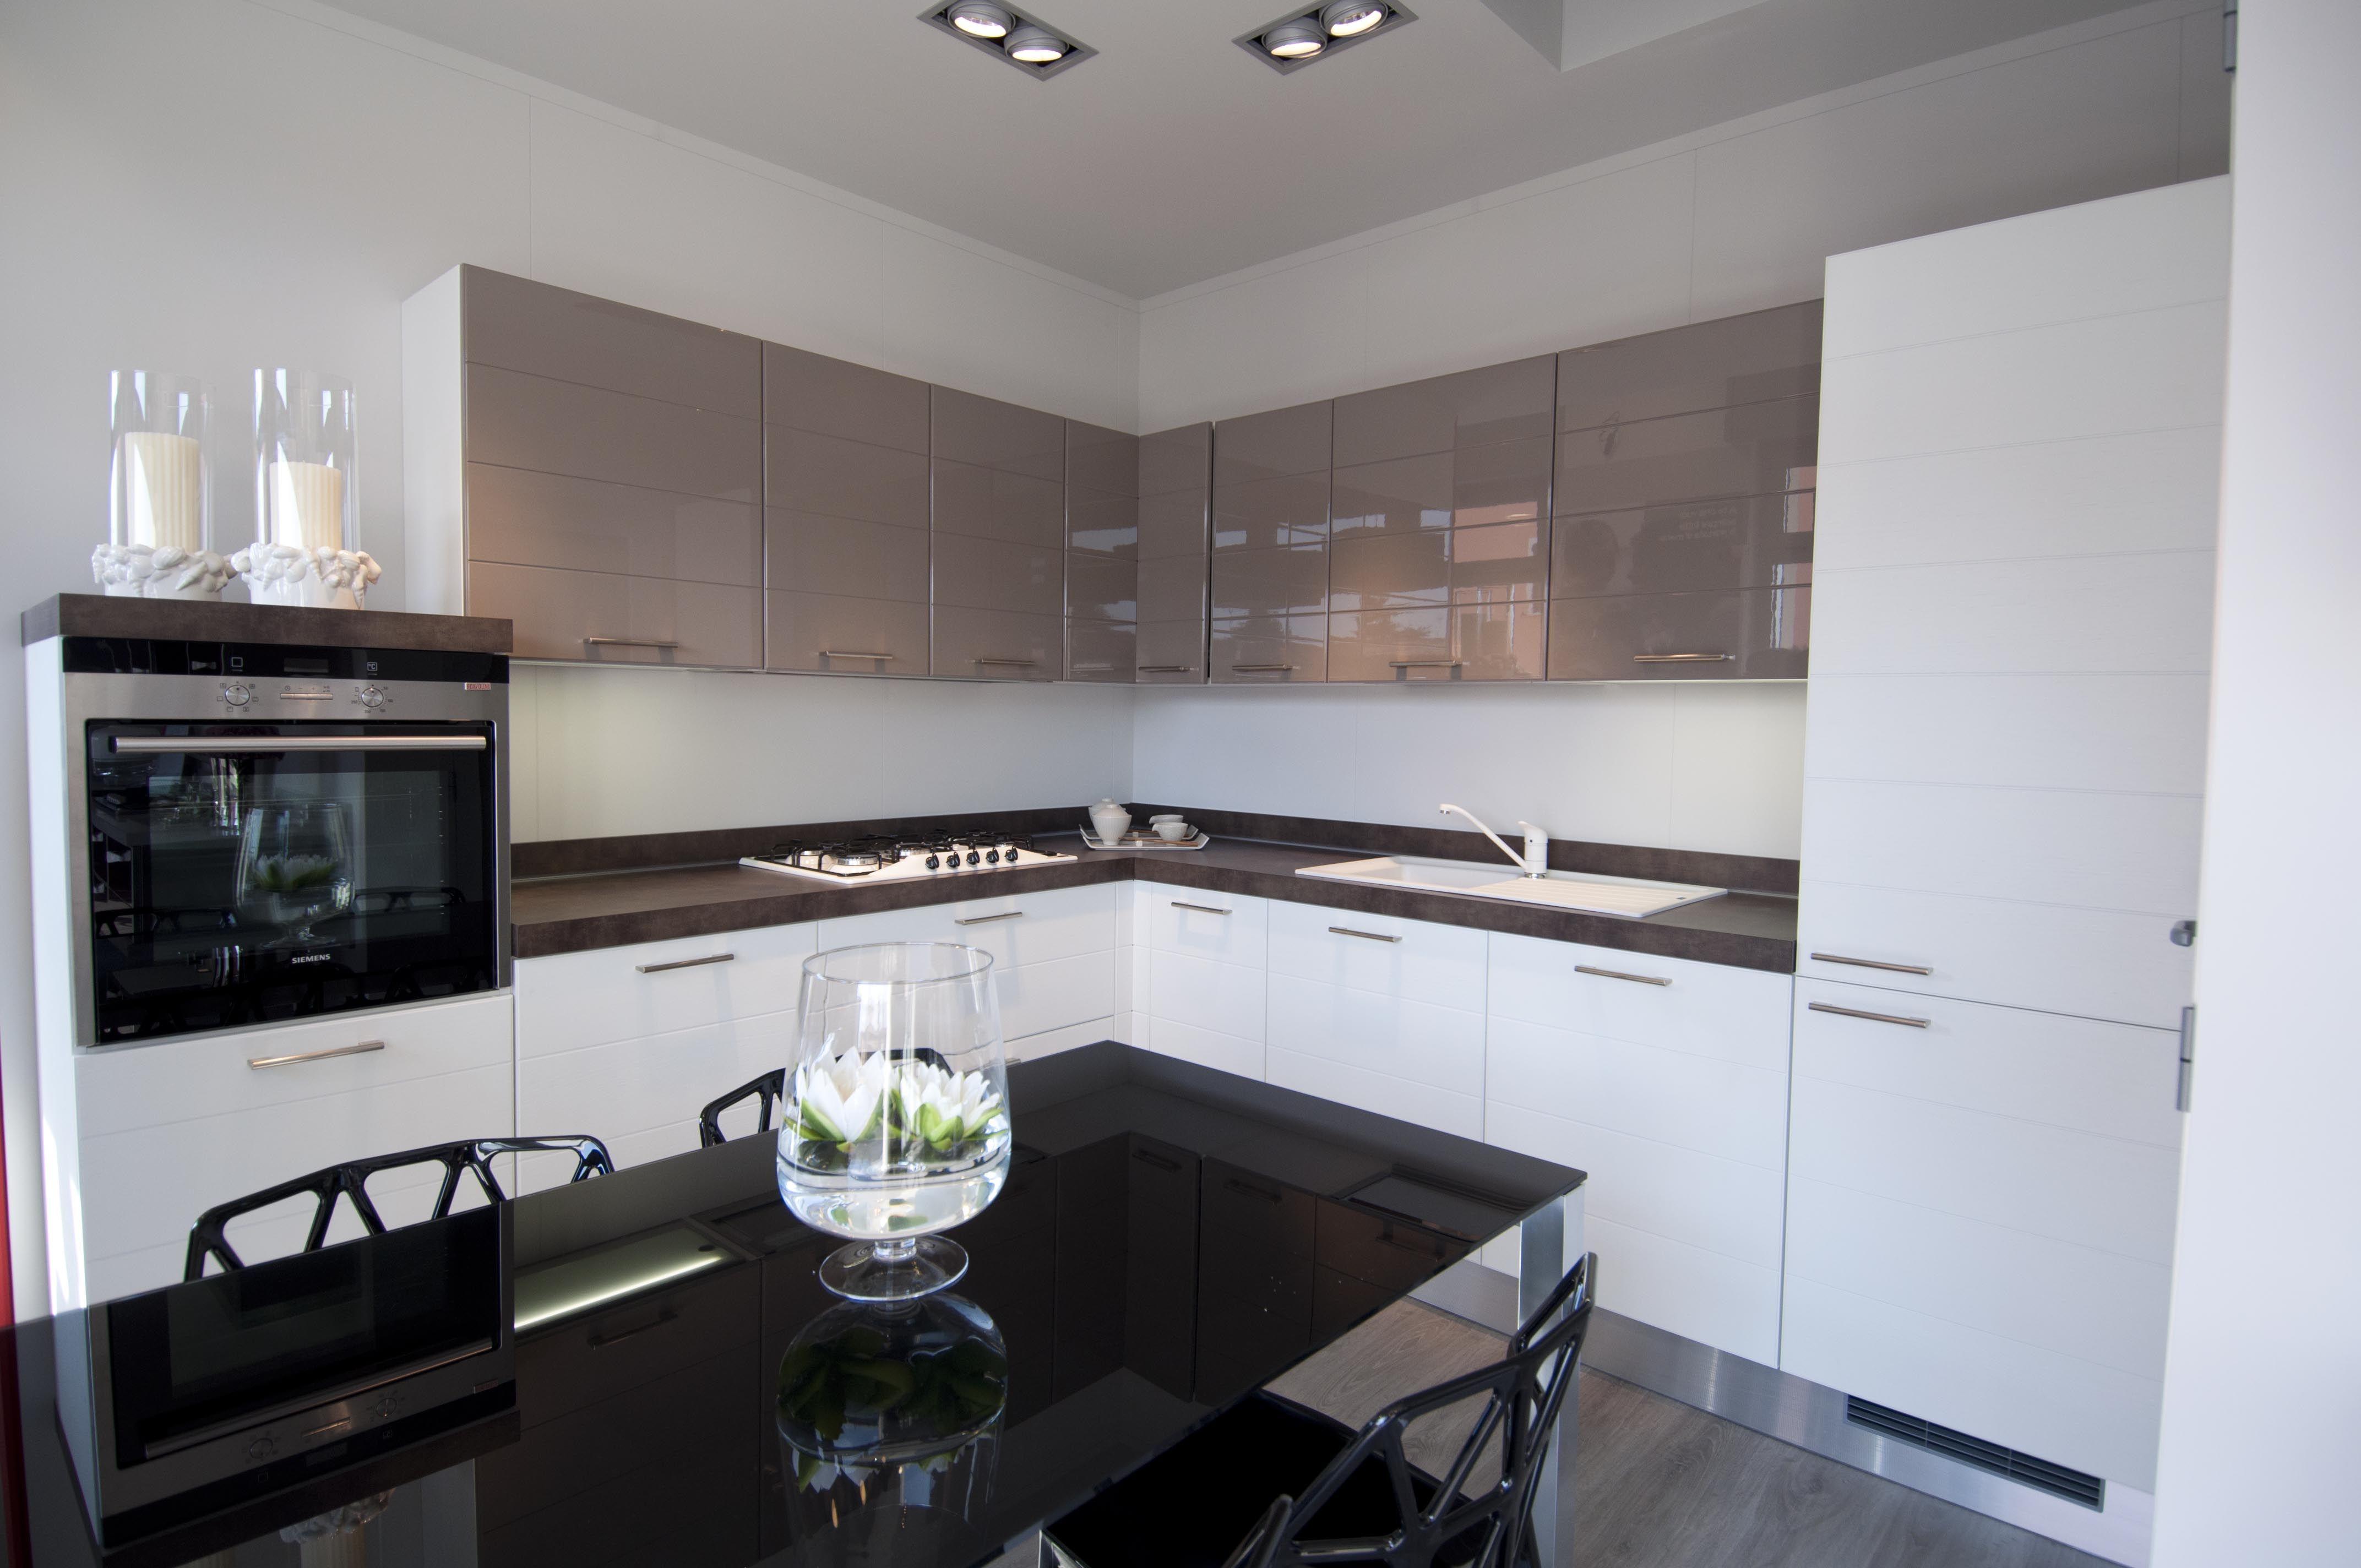 Cucine scavolini in esposizione composizione ad angolo for Cucine moderne ad angolo